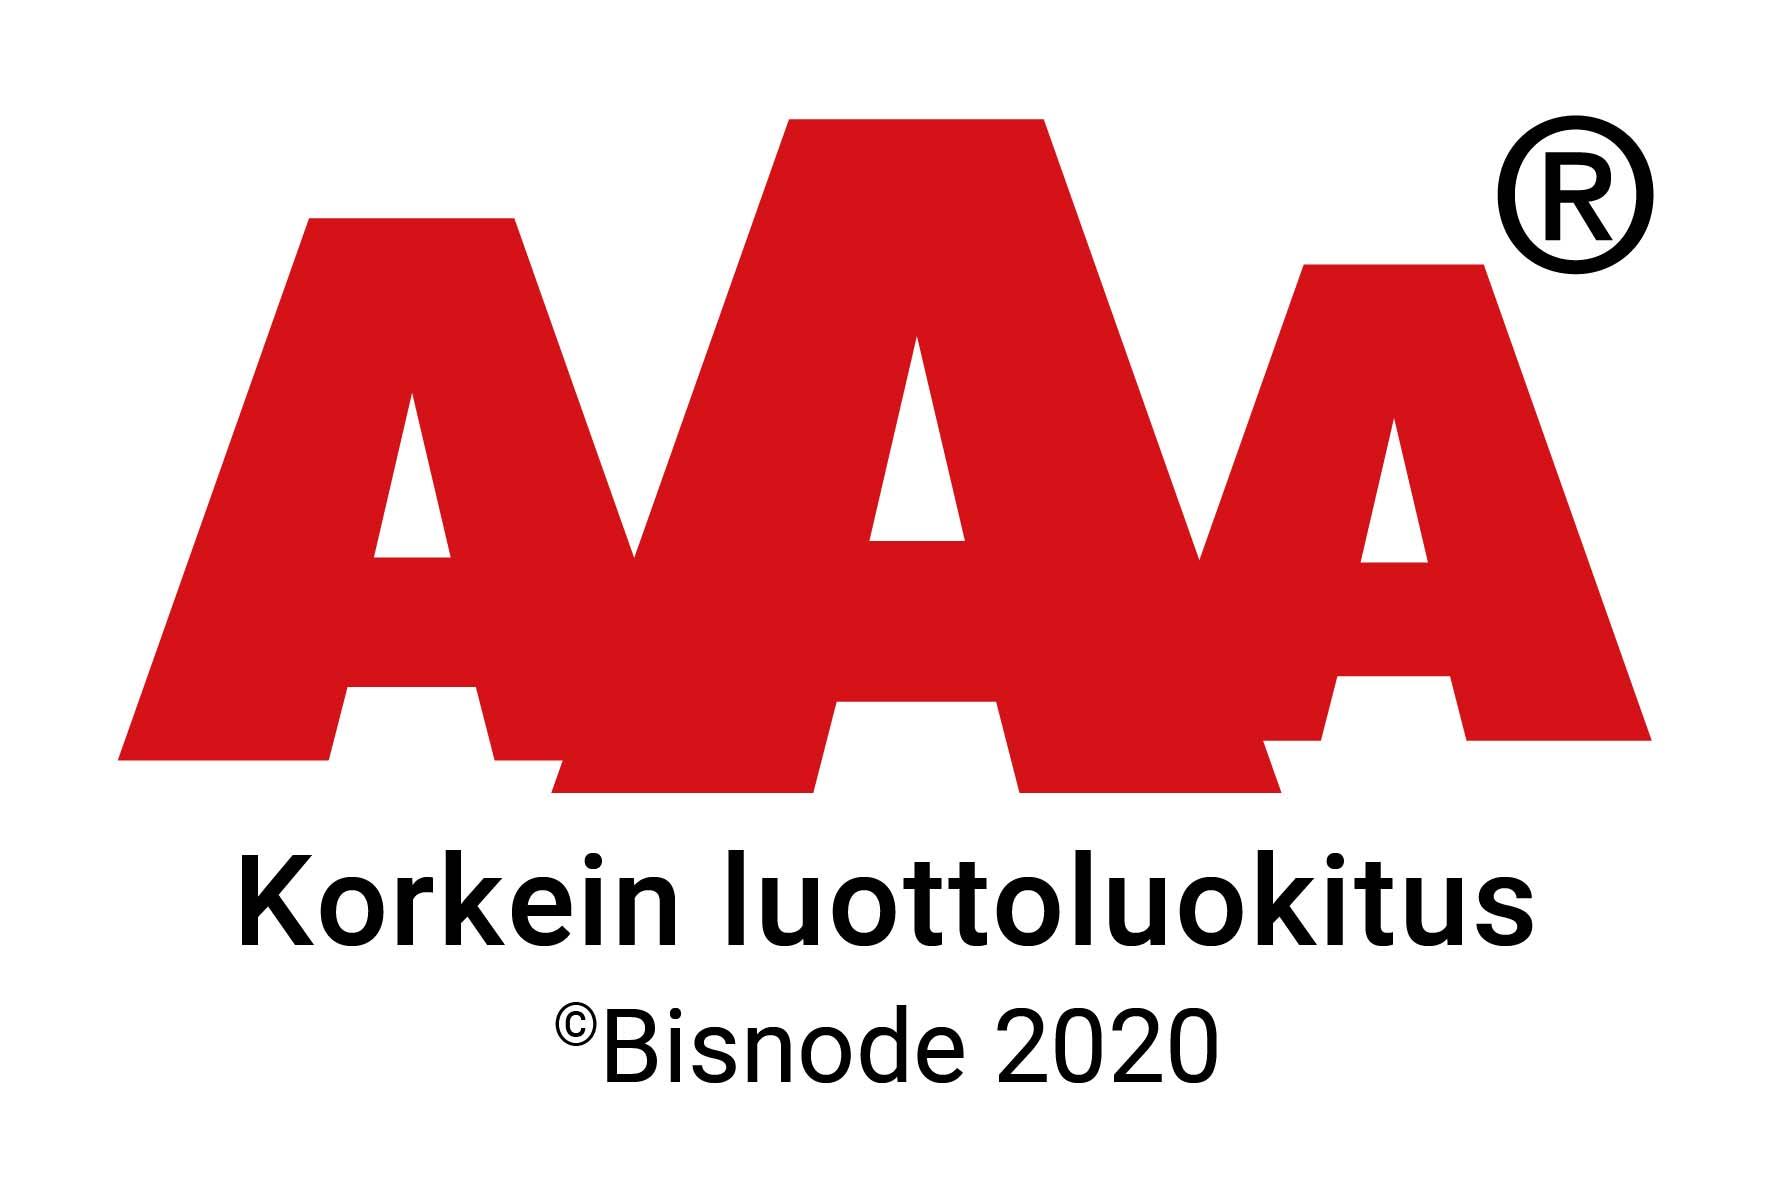 AAA Korkein luottoluokitus 2020 - Averfin Oy